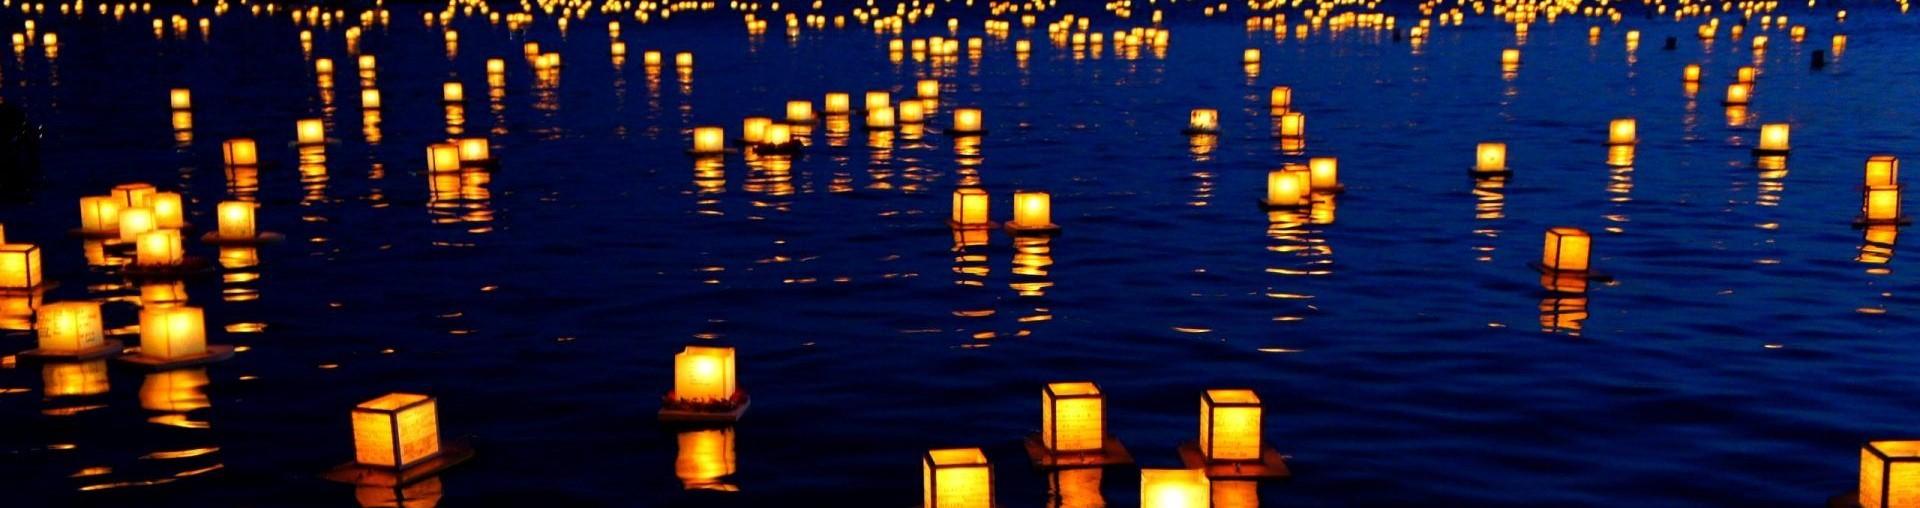 Úszó vízi lámpások